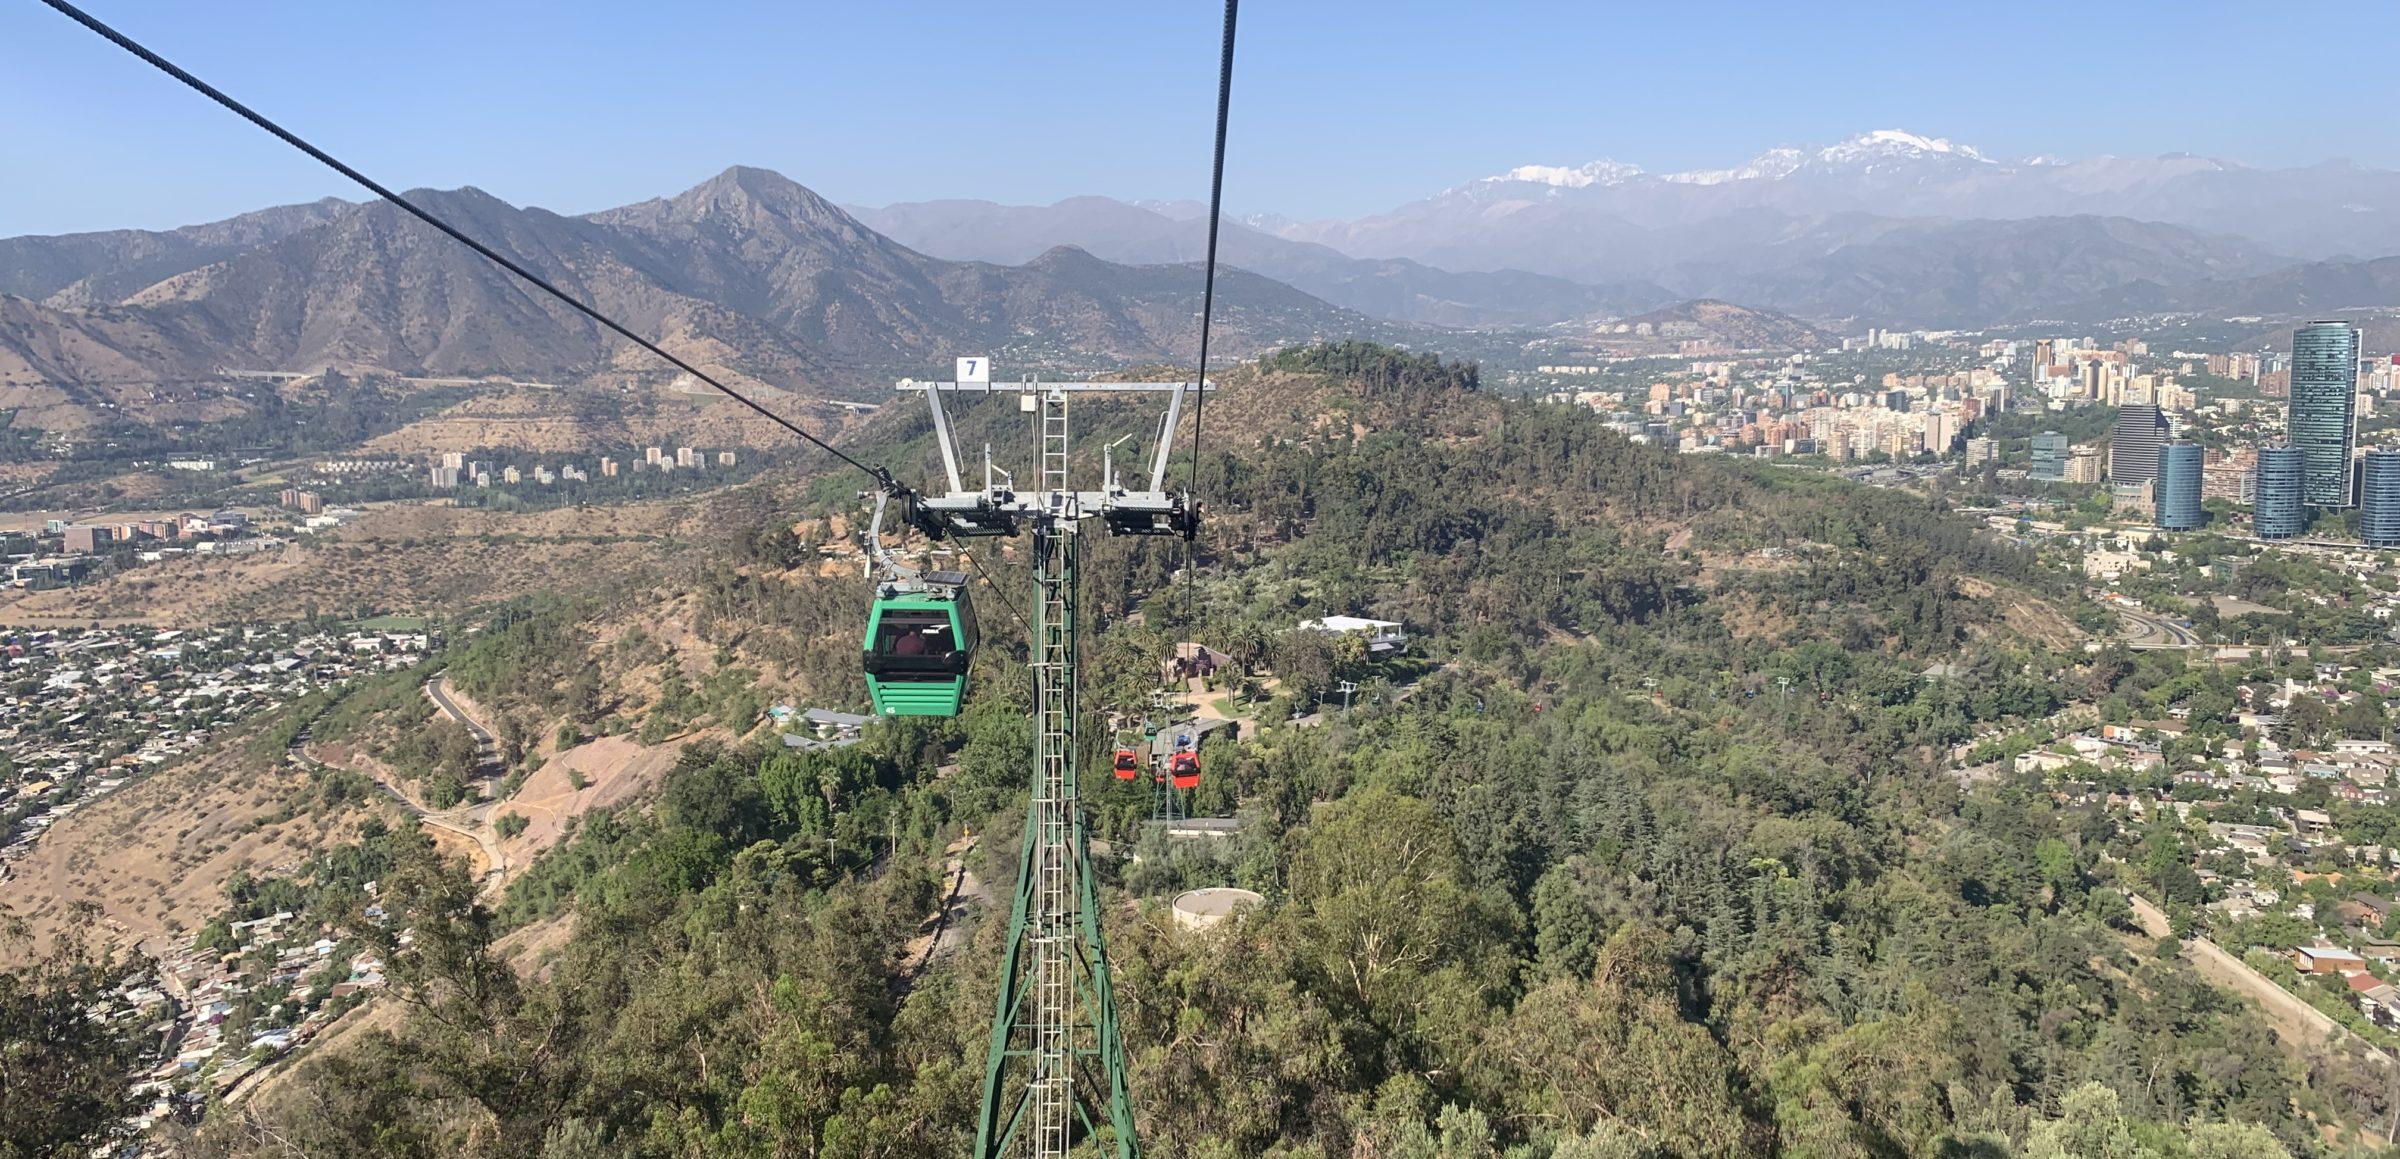 On the teleférico down from San Cristóbal Hill